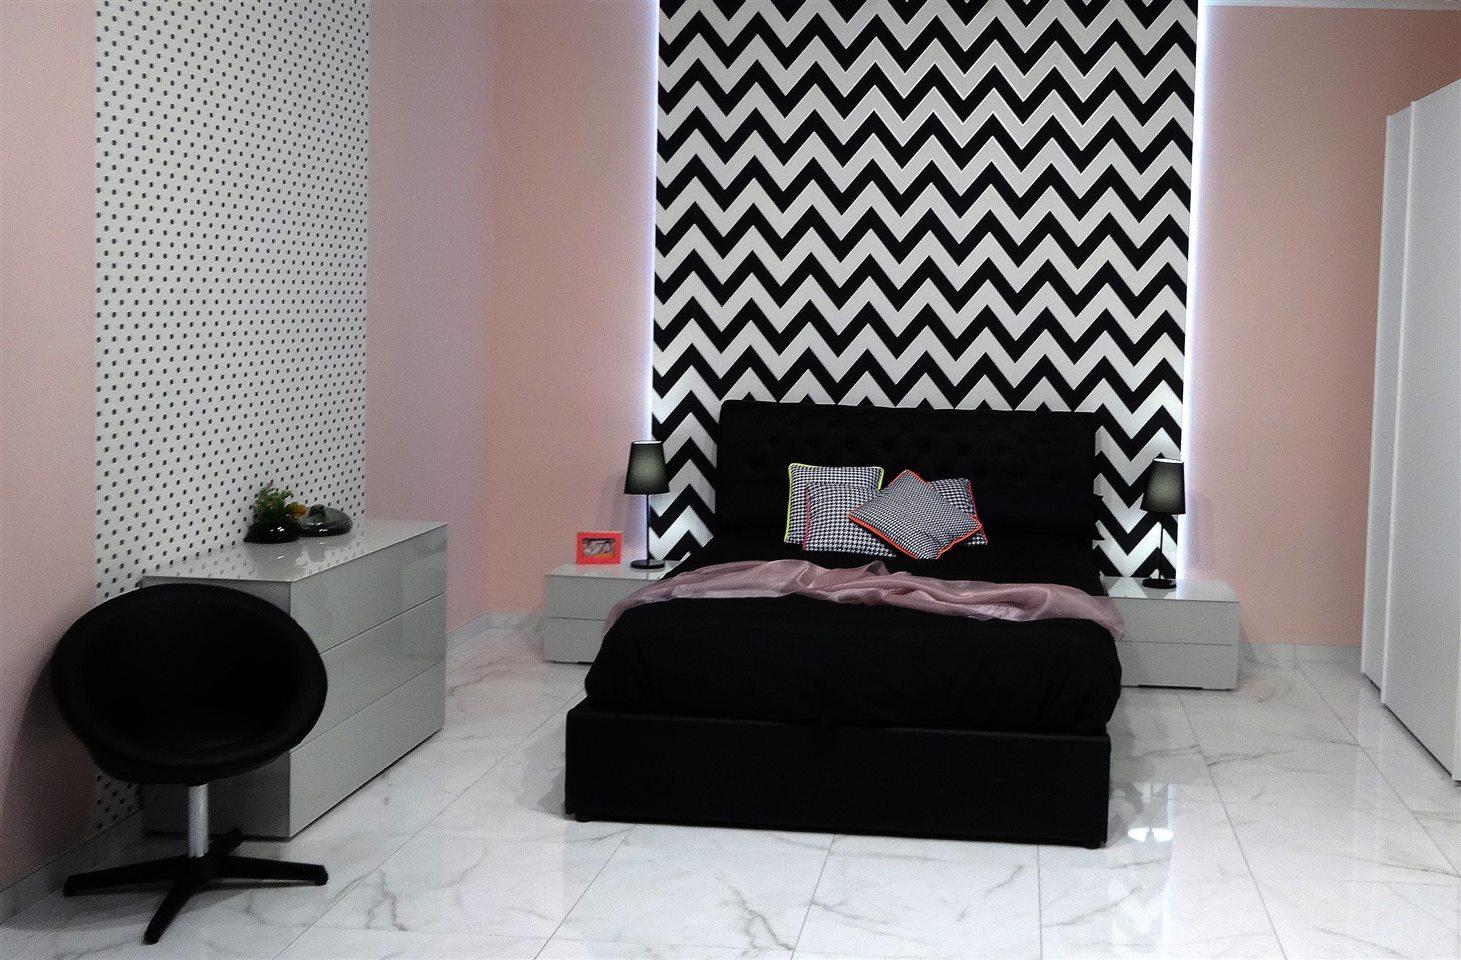 Motivos gr ficos en el dormitorio con el blanco y negro blog con ideas de decoraci n ideas - Dormitorio en blanco y negro ...